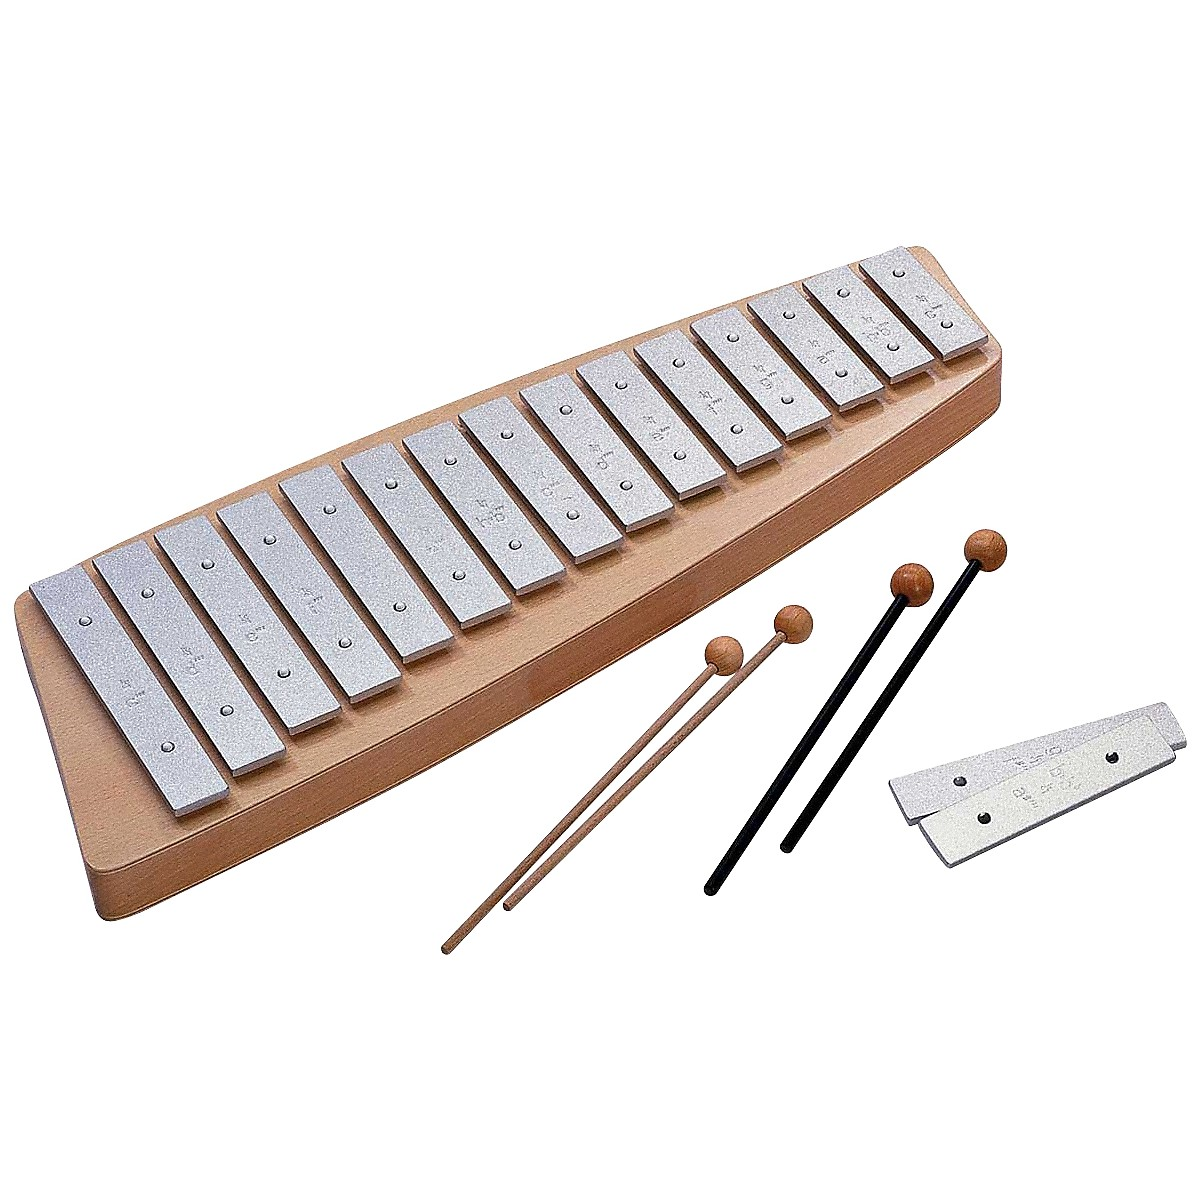 Sonor Orff Meisterklasse Tenor-Alto Glockenspiels Diatonic Tenor-Alto, Tag 19